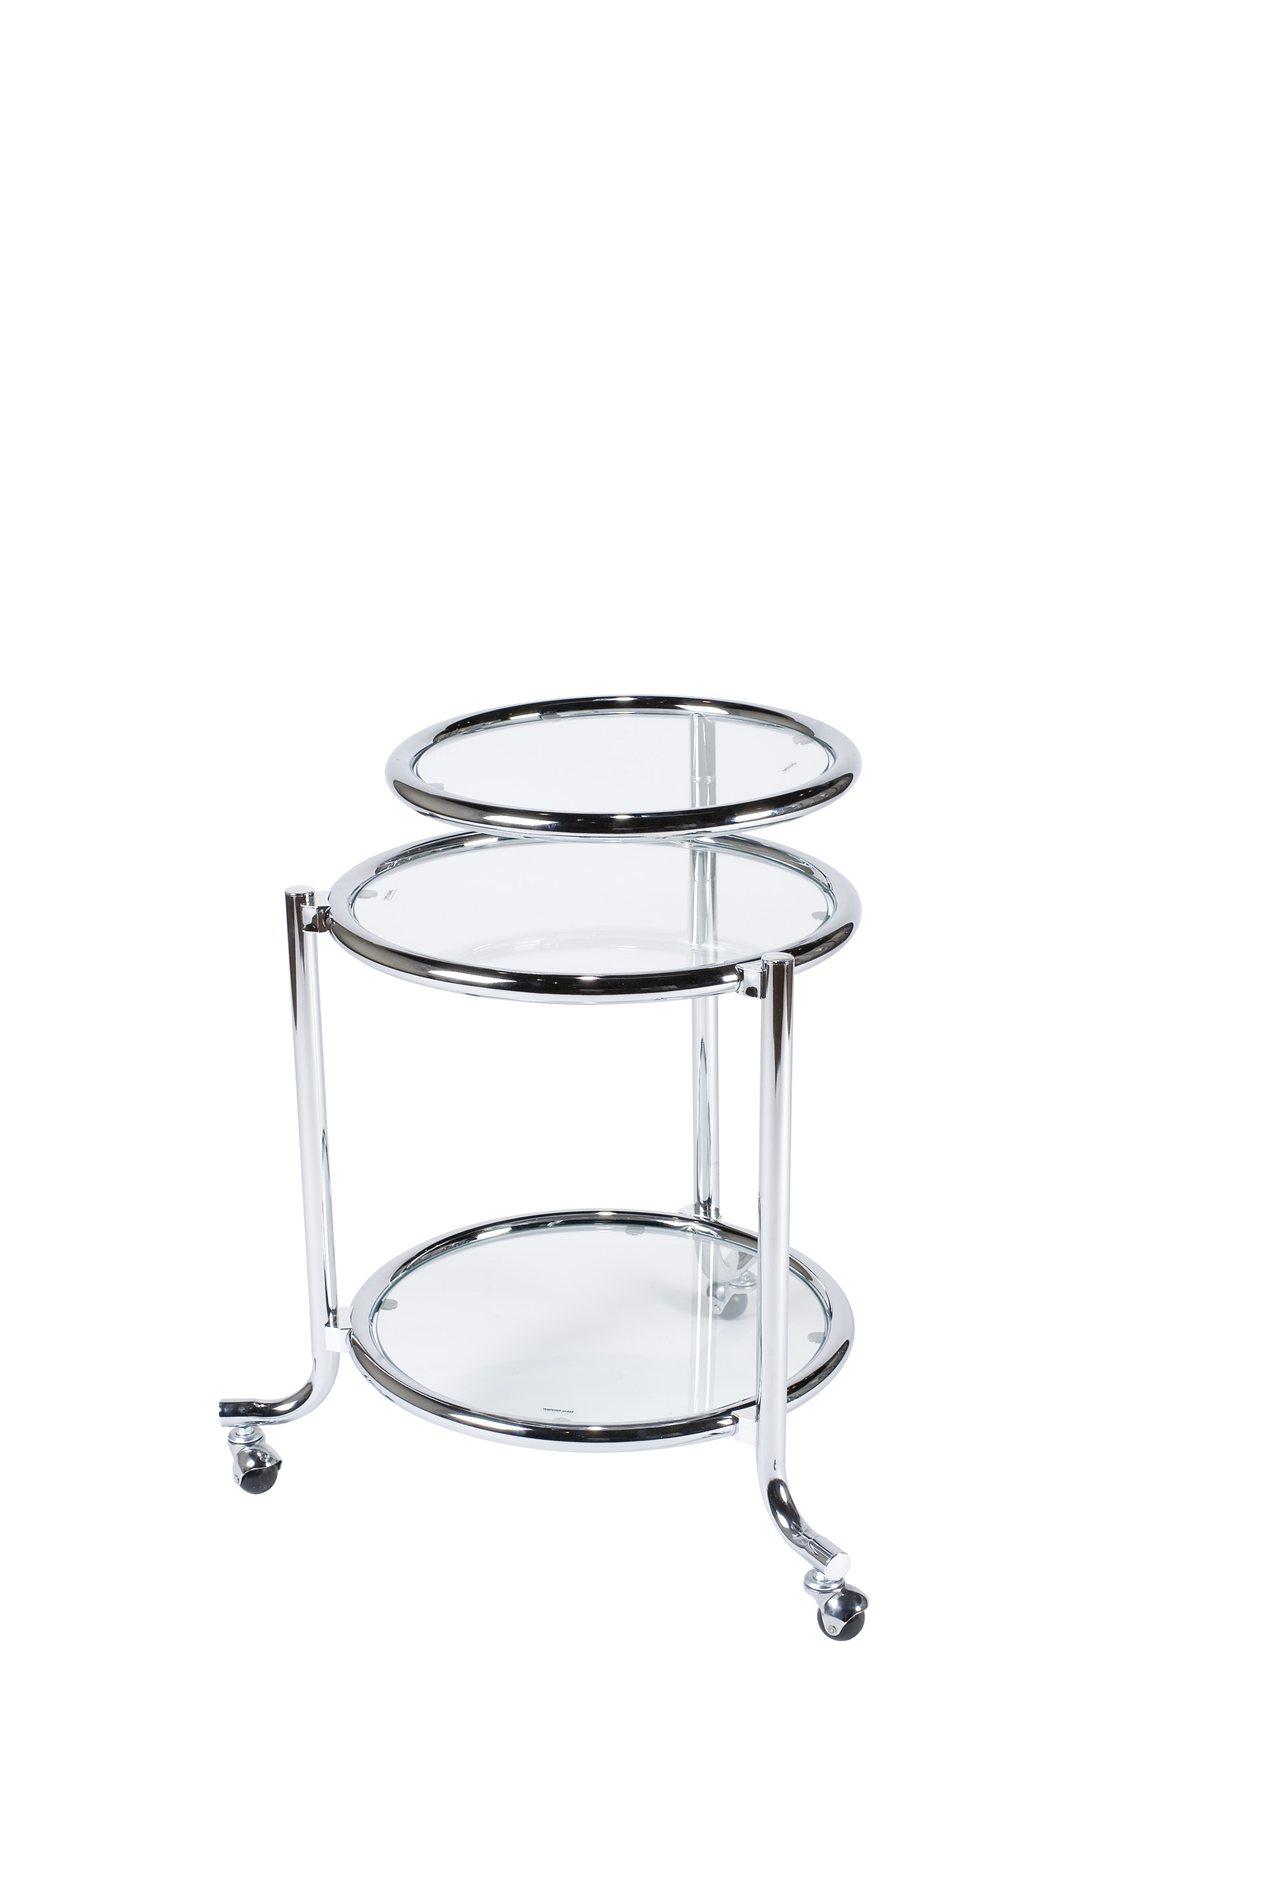 Adesso Wk Sonata Contemporary 3 Tier Rolling Glass Trolley Ad Wk